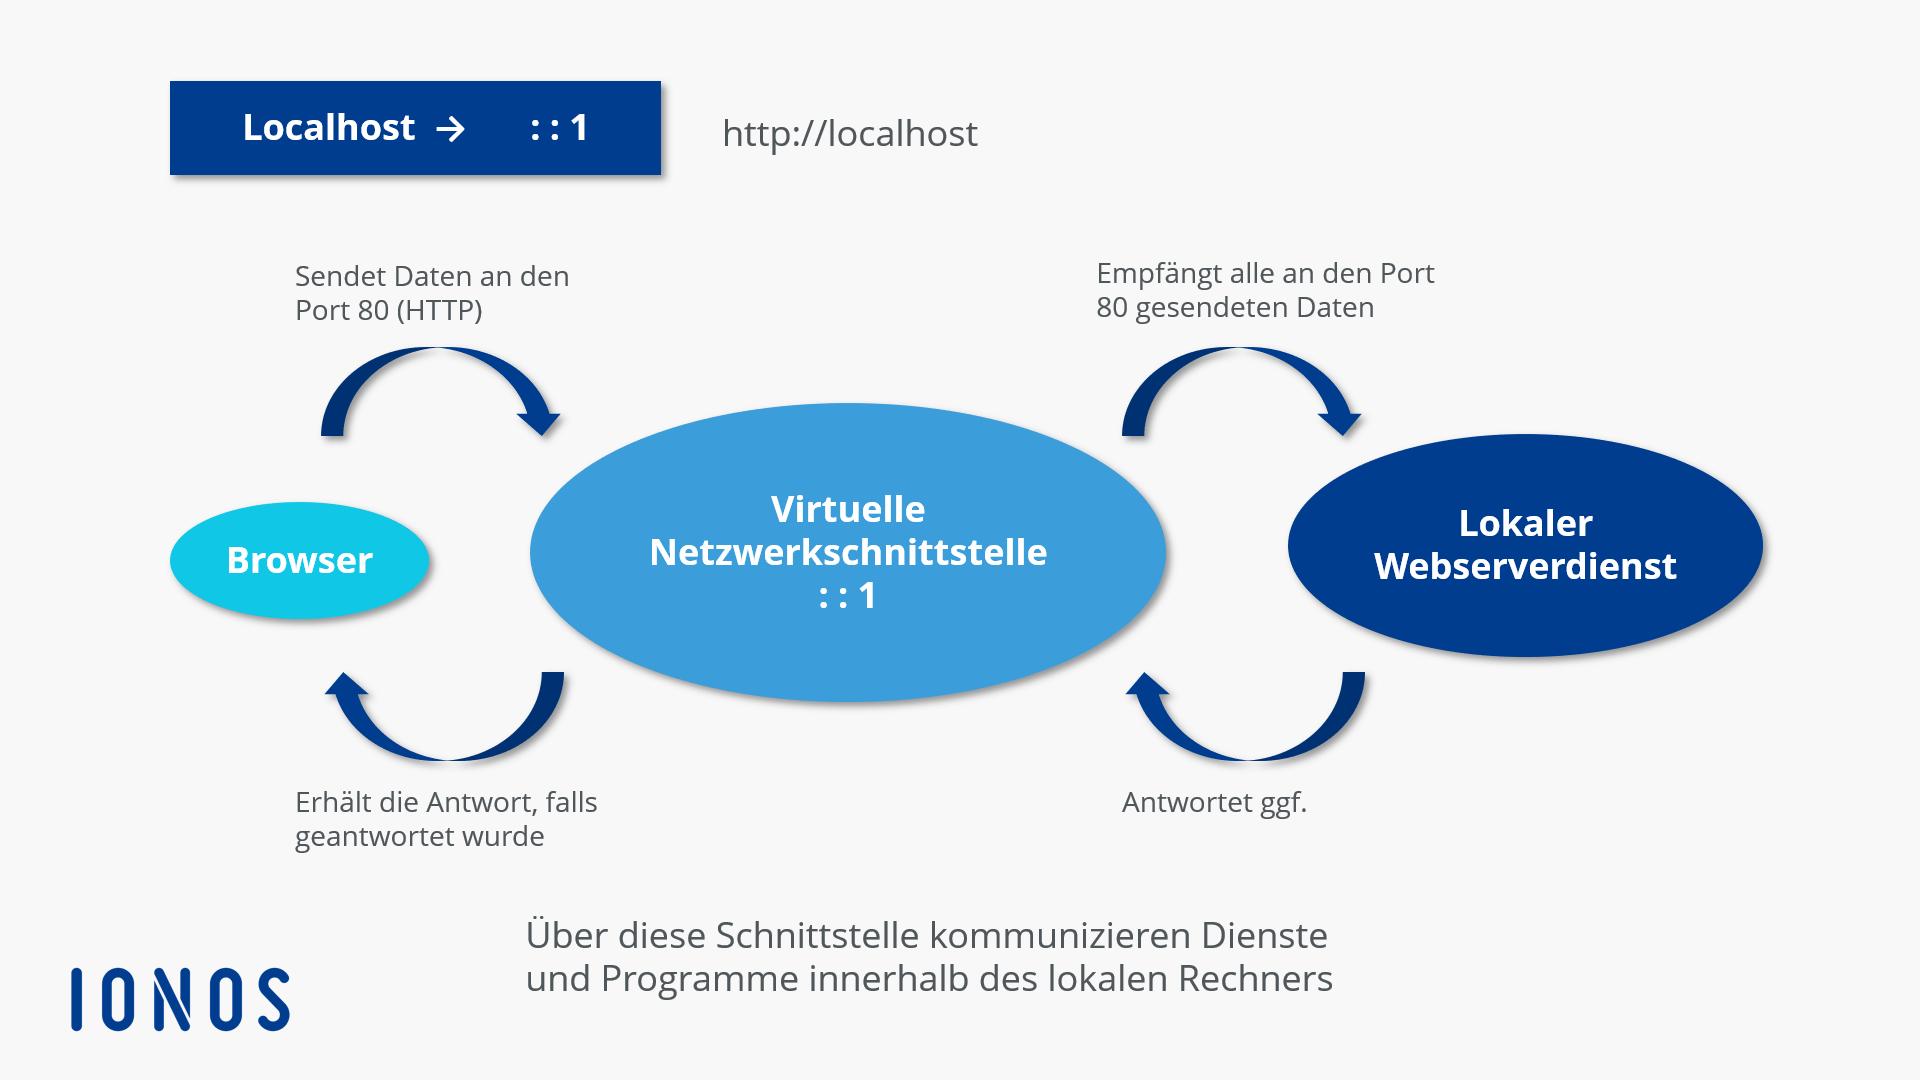 Localhost: So funktioniert die Verbindung zu 127.0.0.1 - 1&1